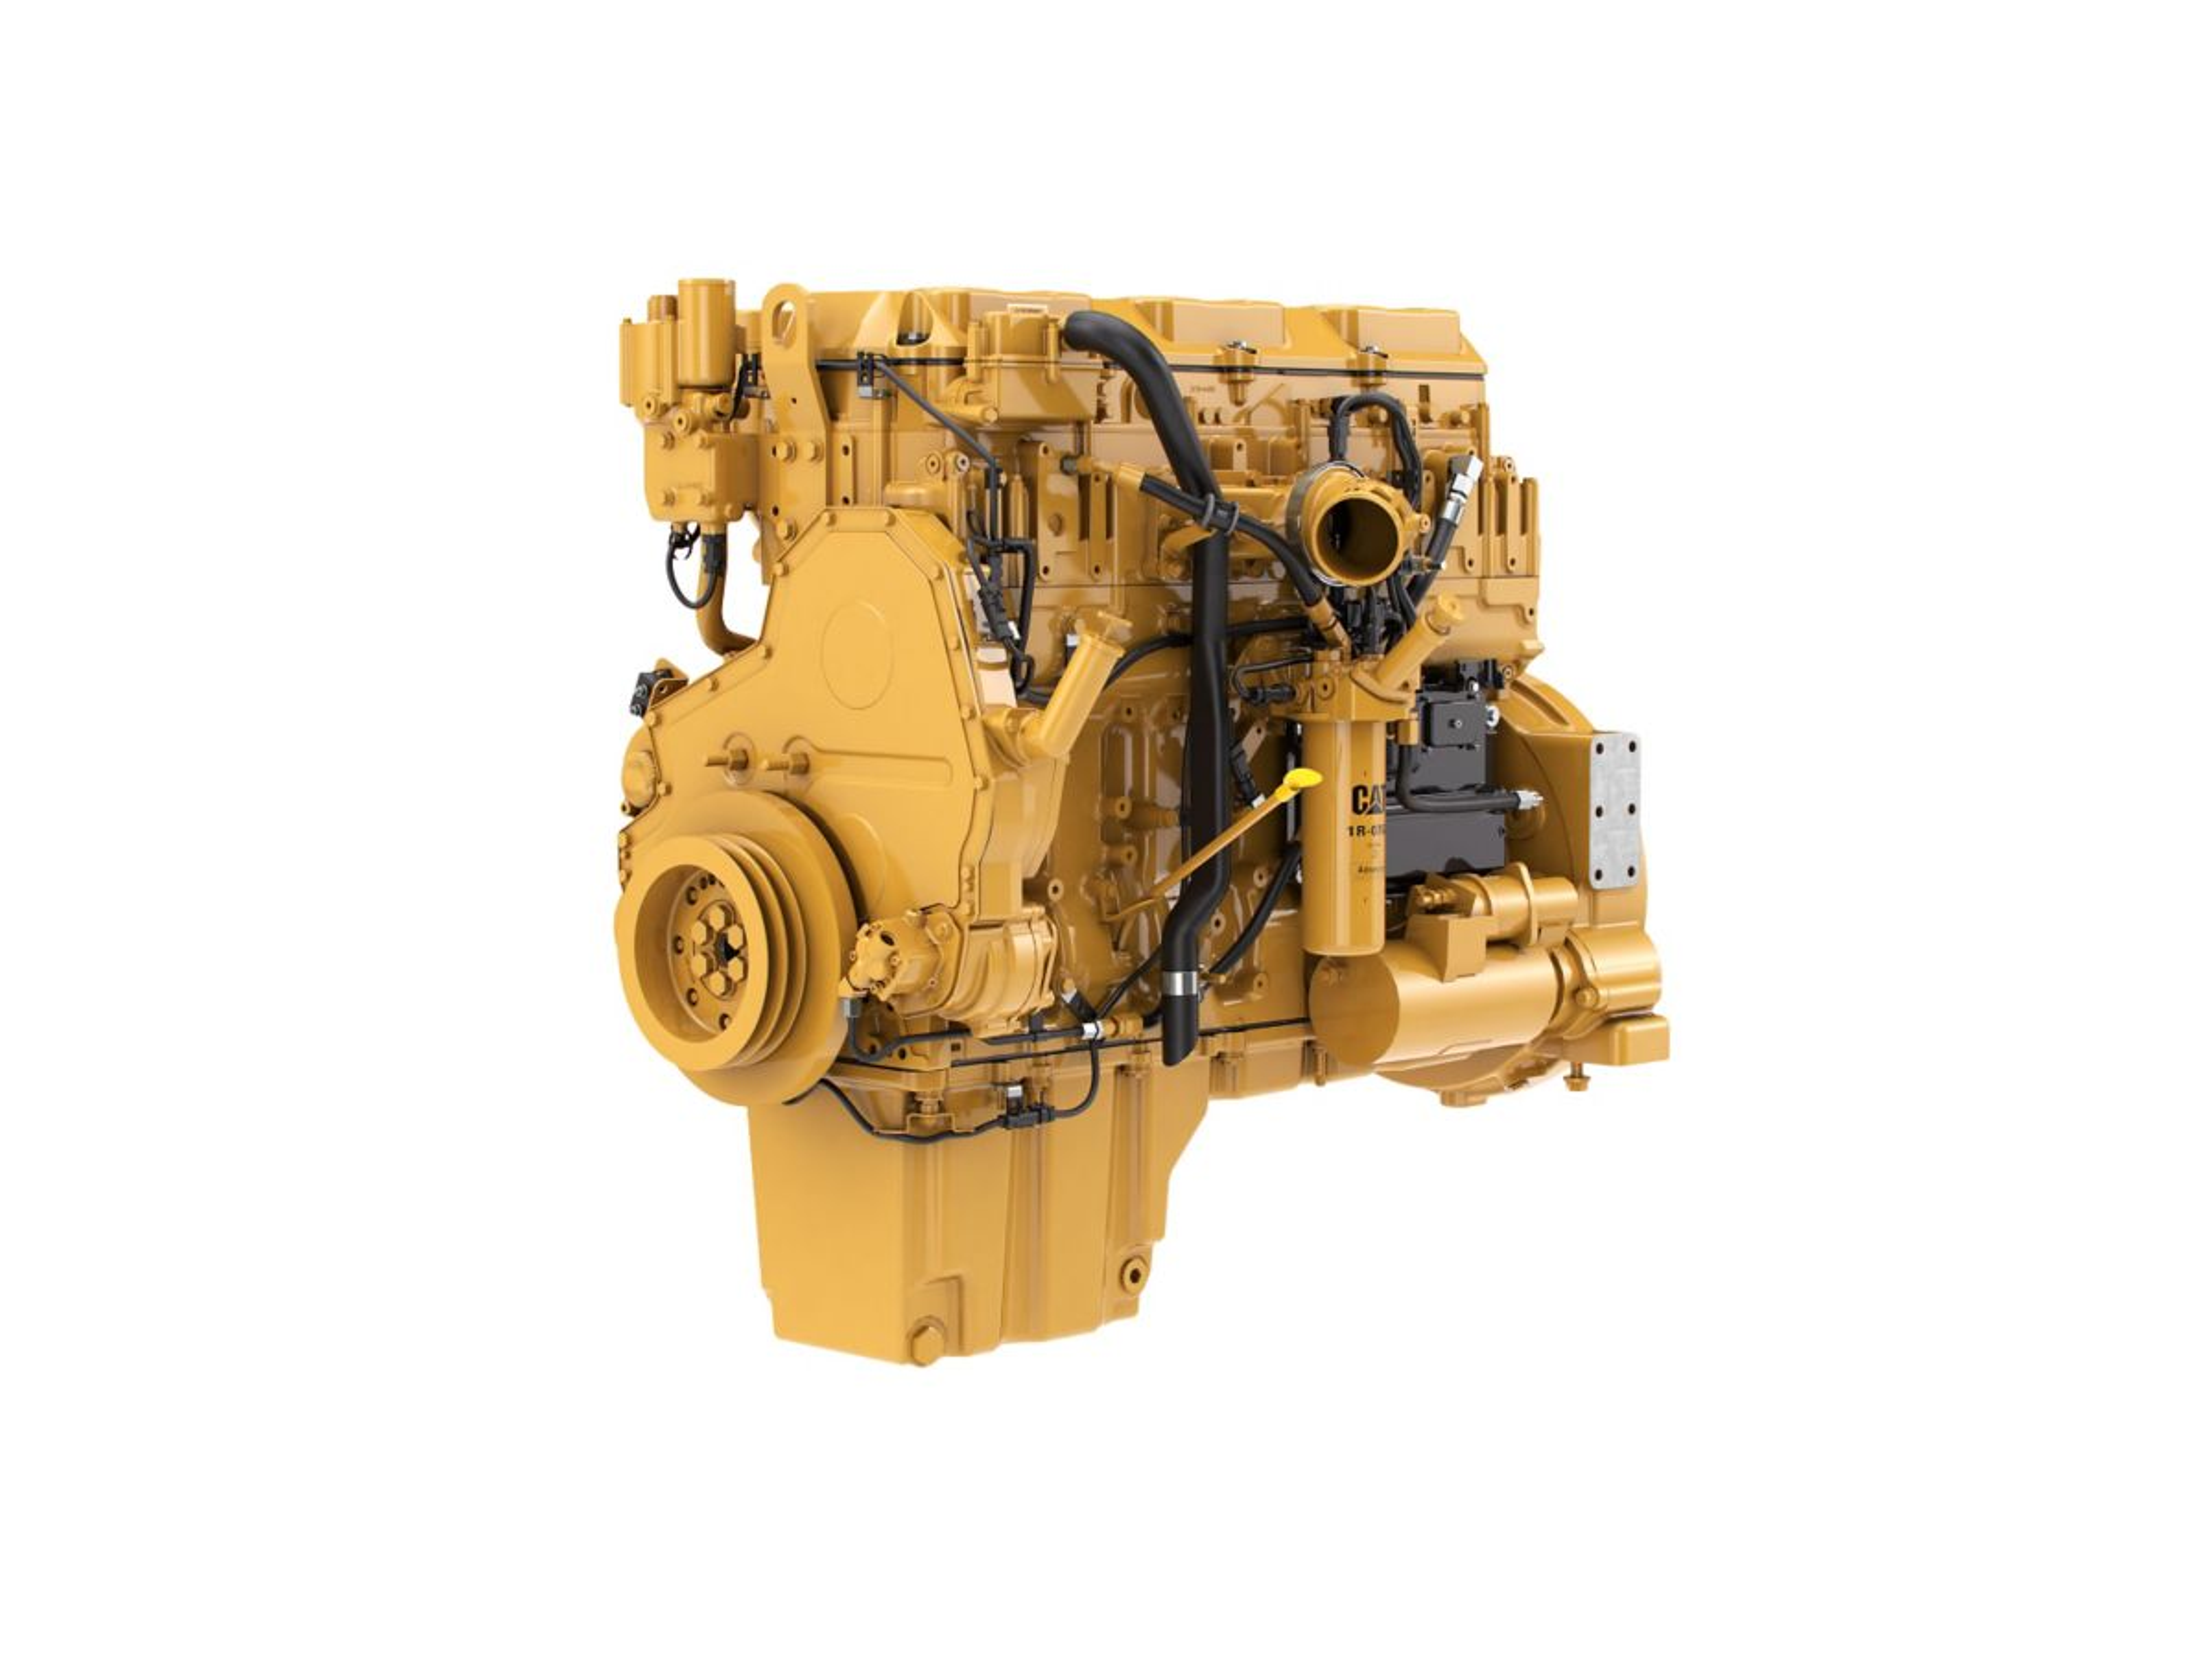 Cat | Cat ® C11 ACERT™ Industrial Diesel Engine | Caterpillar